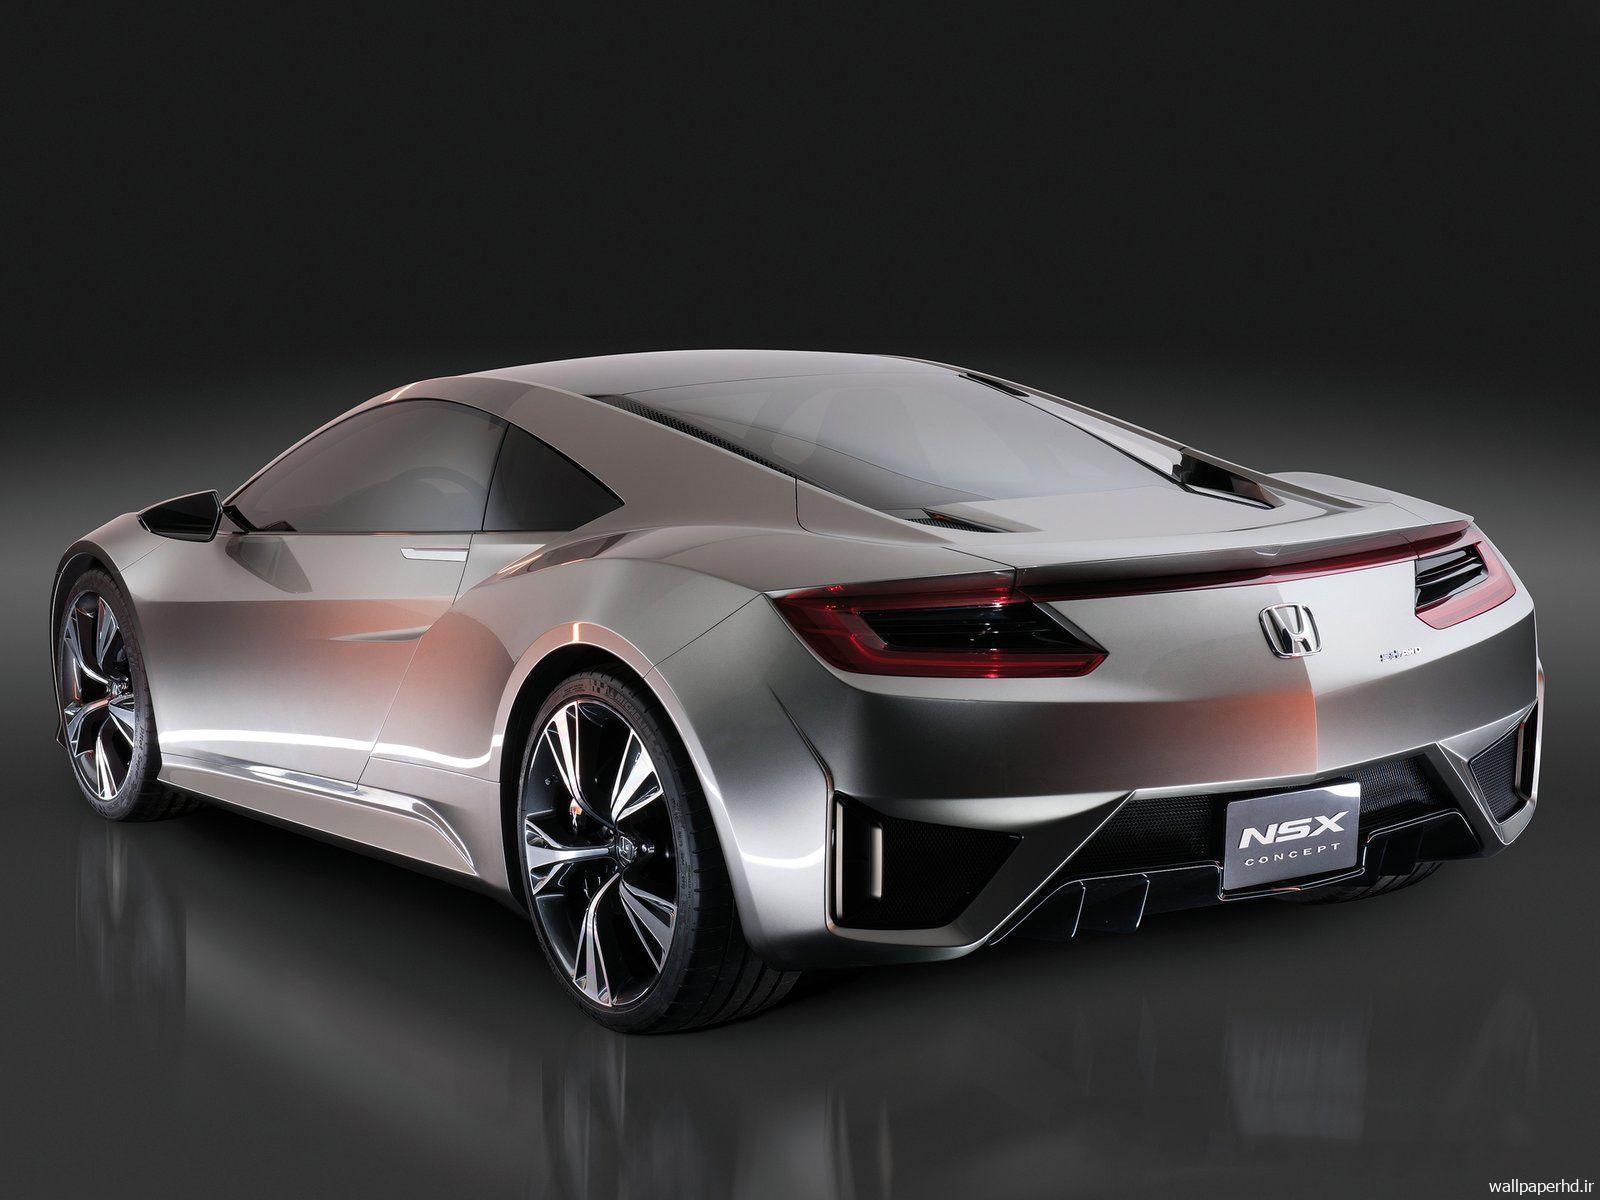 ماشین Acura RSX - والپیپر اچ دی